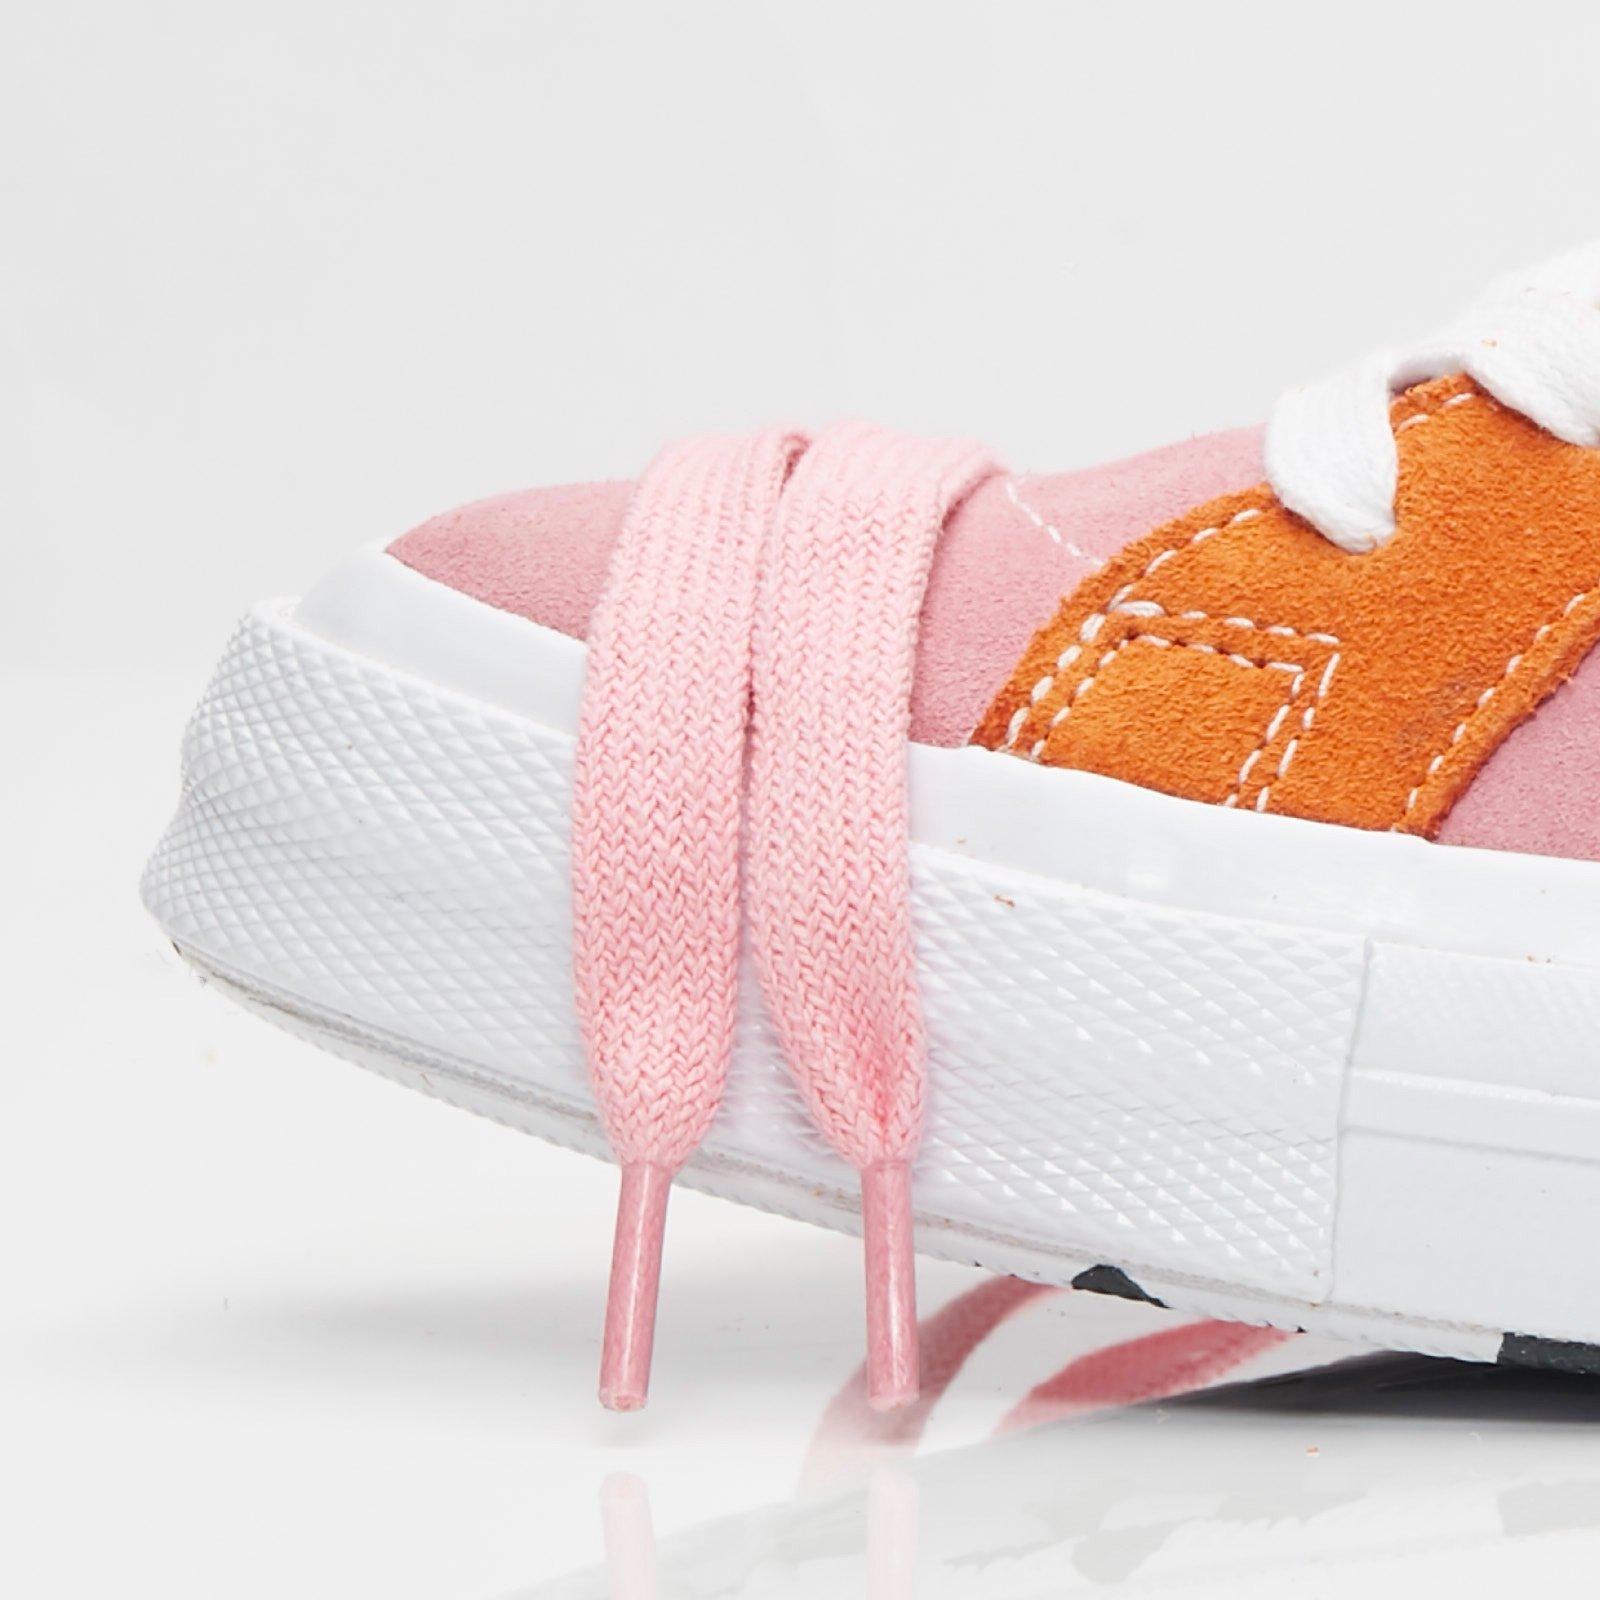 Converse One Star X Golf Le Fleur 162125c Sneakersnstuff Sneakers Streetwear Online Since 1999